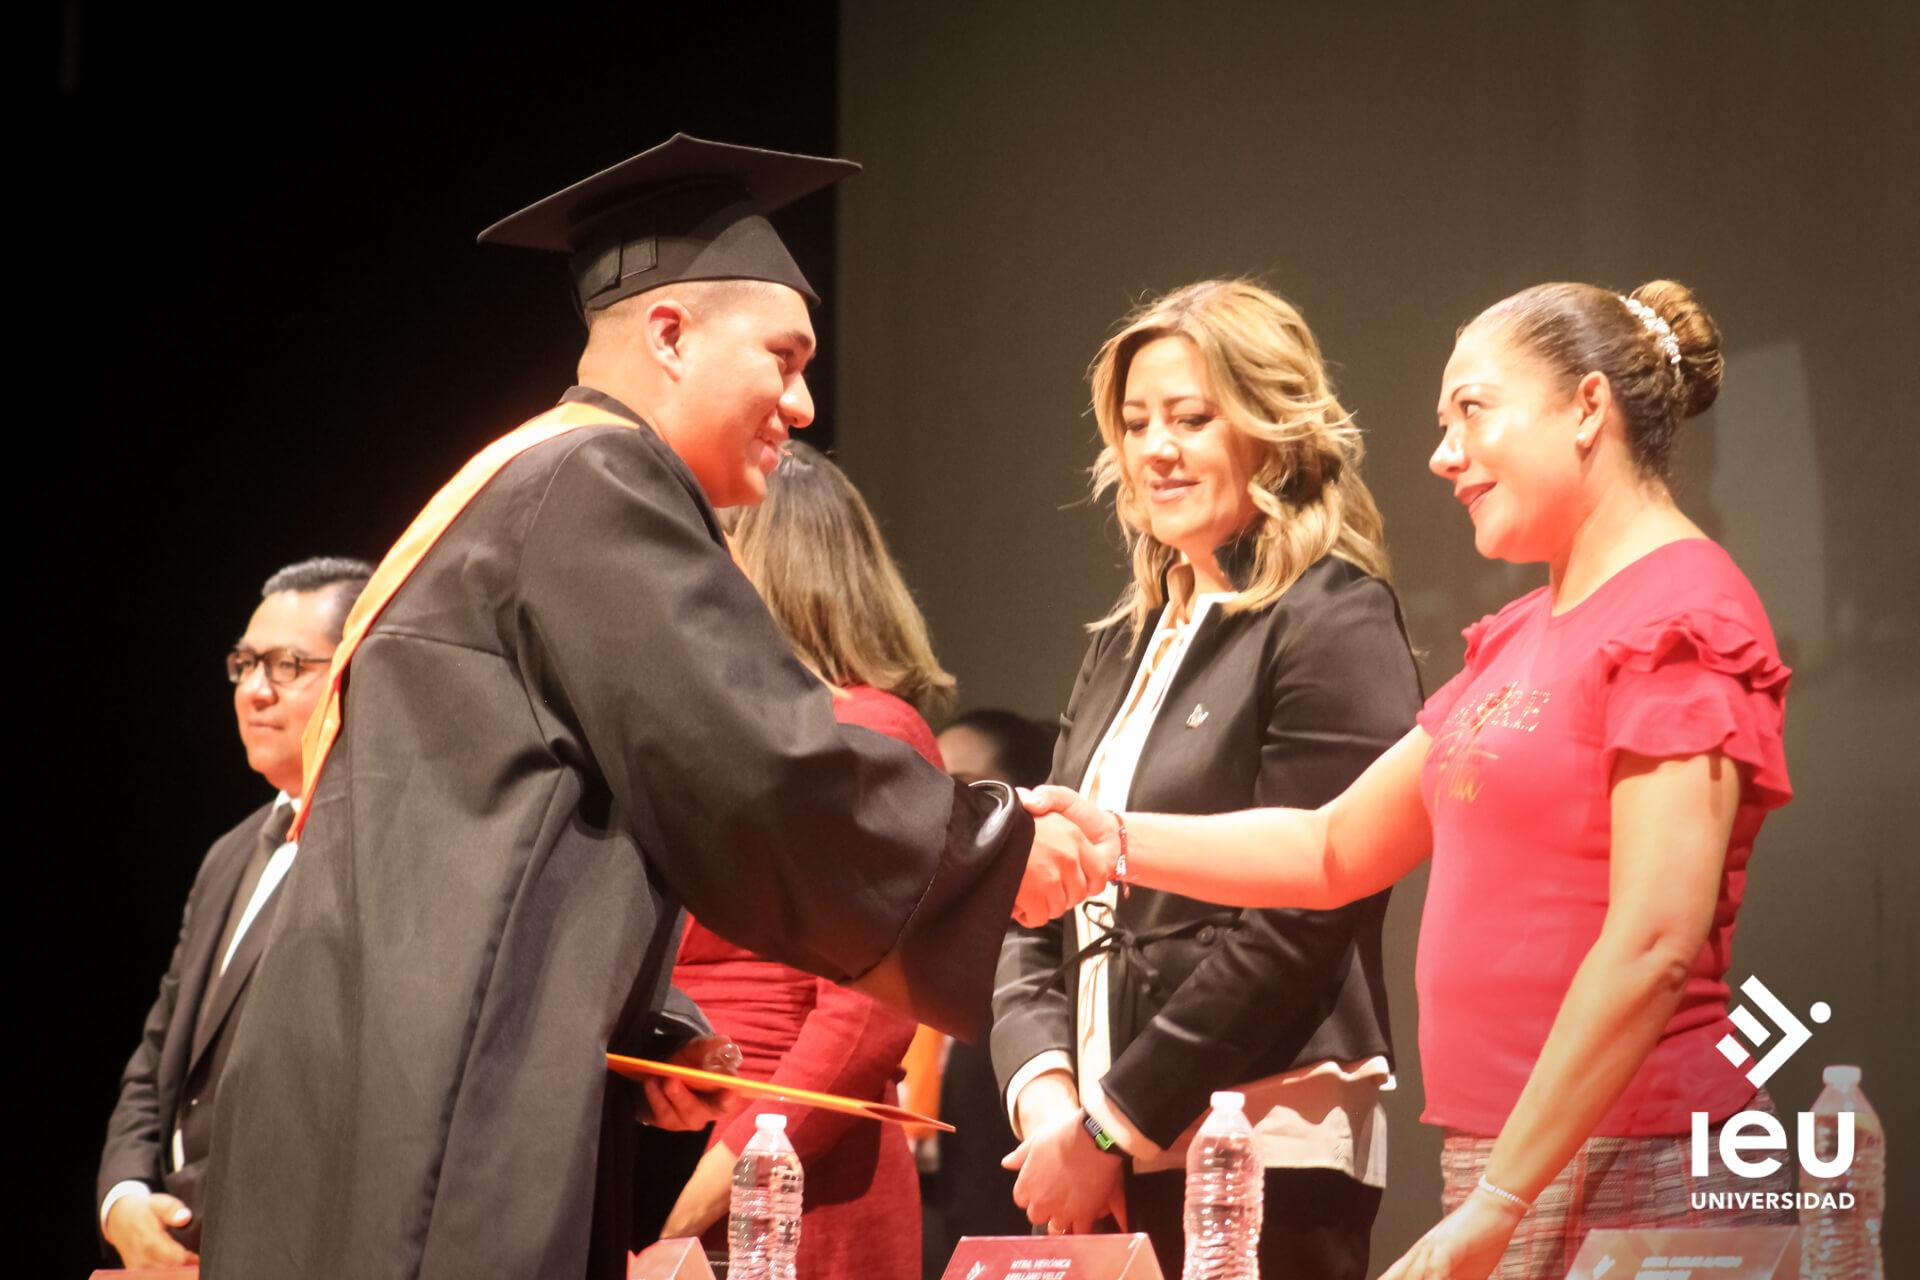 Universidad Ieu Graduacion 2019 10